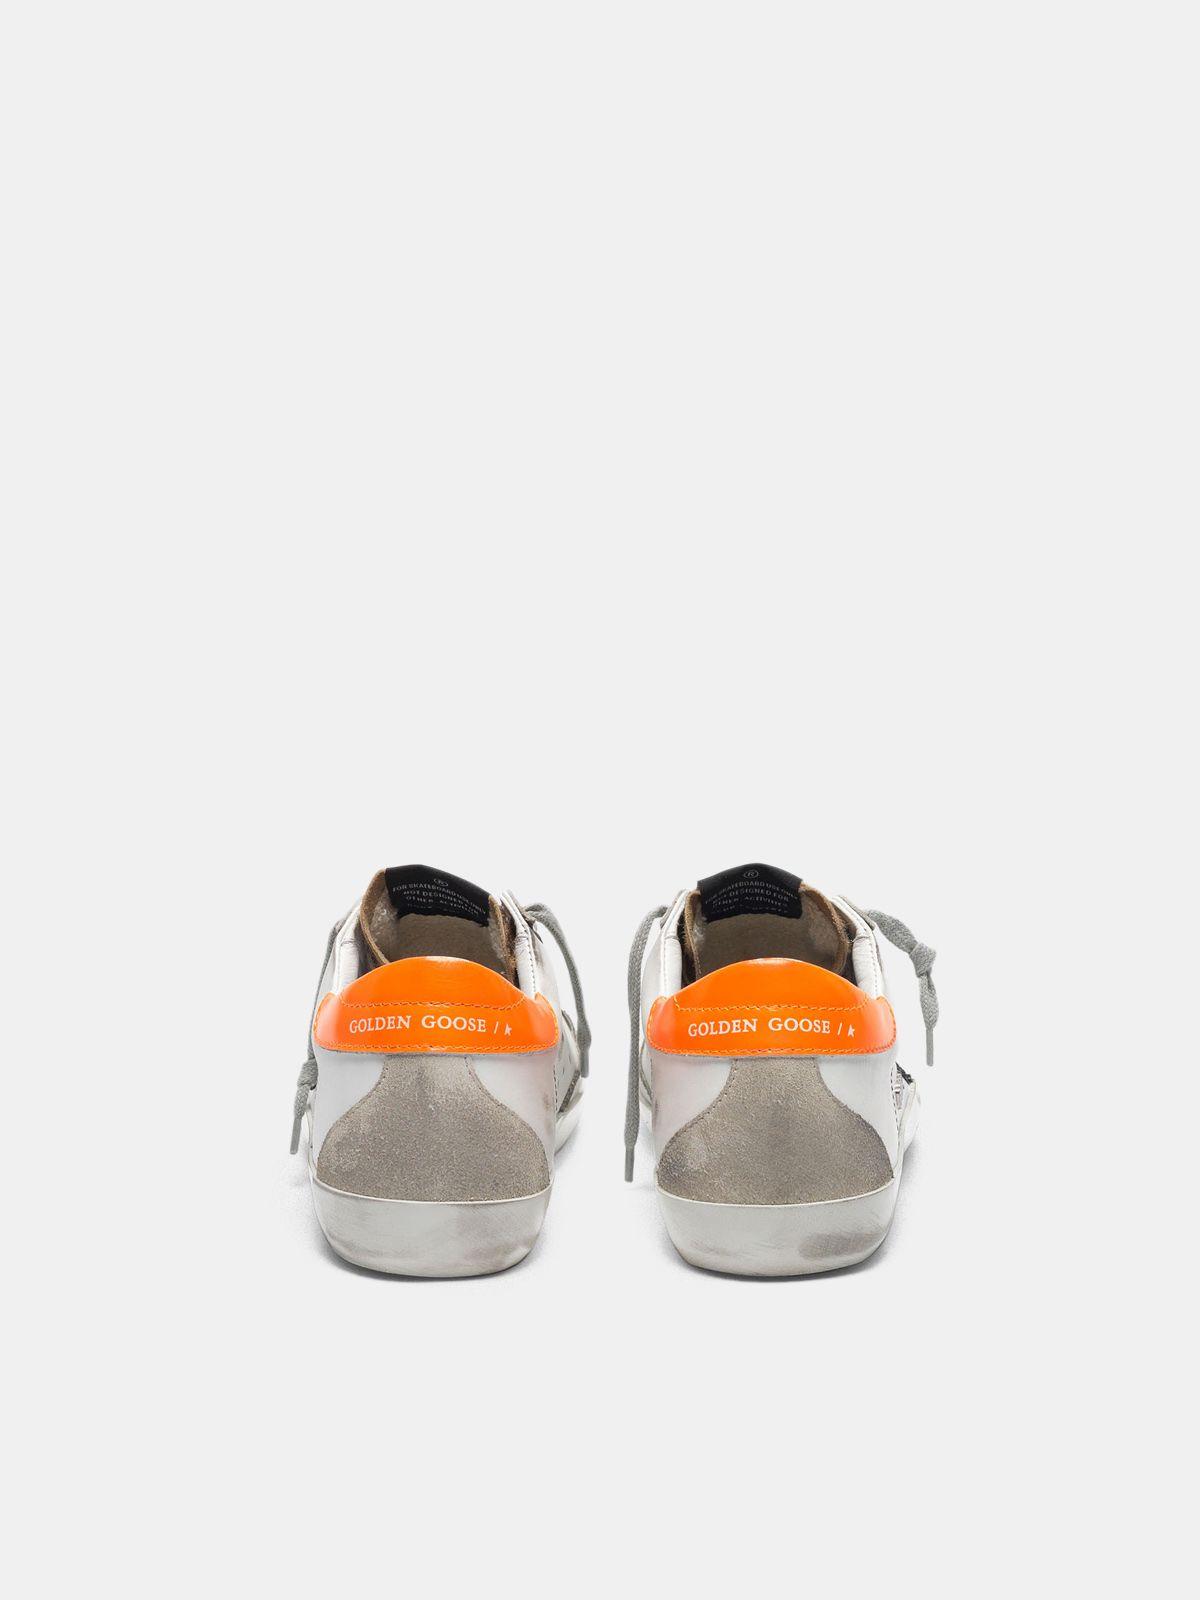 Golden Goose - Sneakers Super-Star con inserto leopardato, stella con glitter e talloncino arancio in